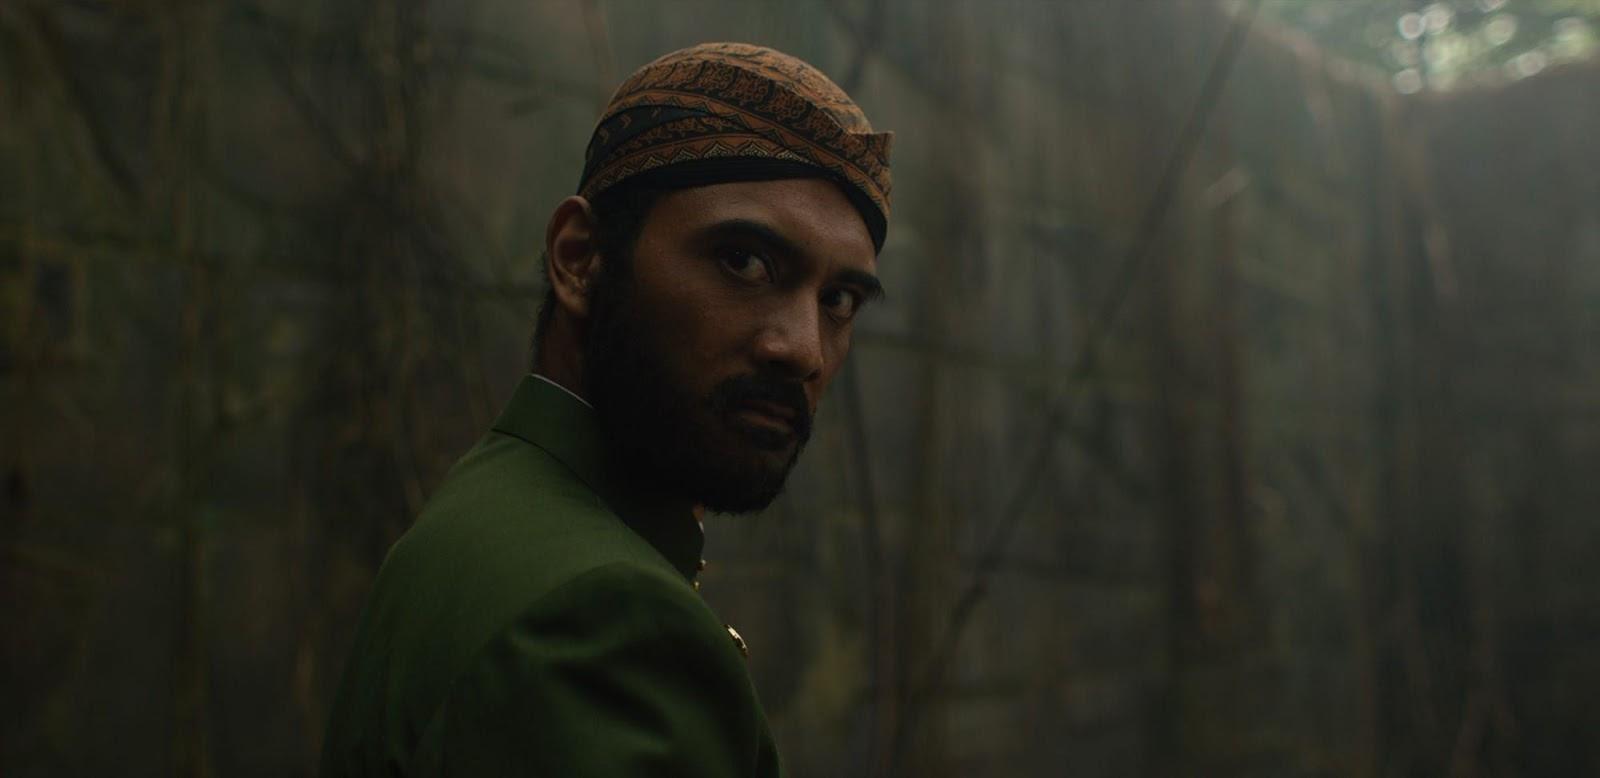 Ario Bayu is Ki Saptadi in Impetigore | Horror Film Review